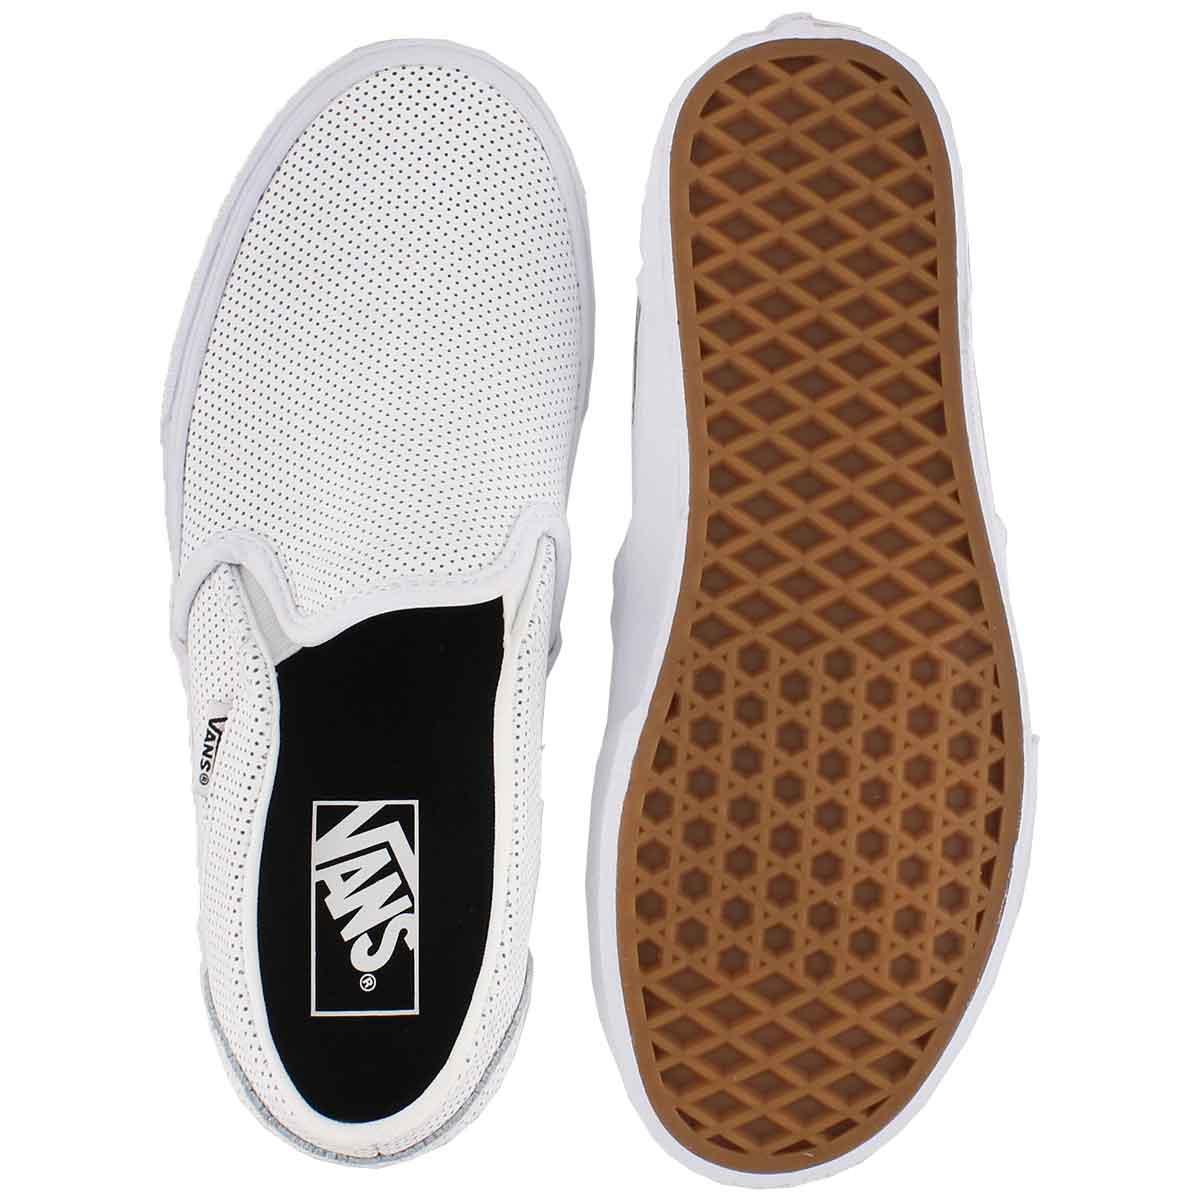 Lds Asher white leather slip on sneaker